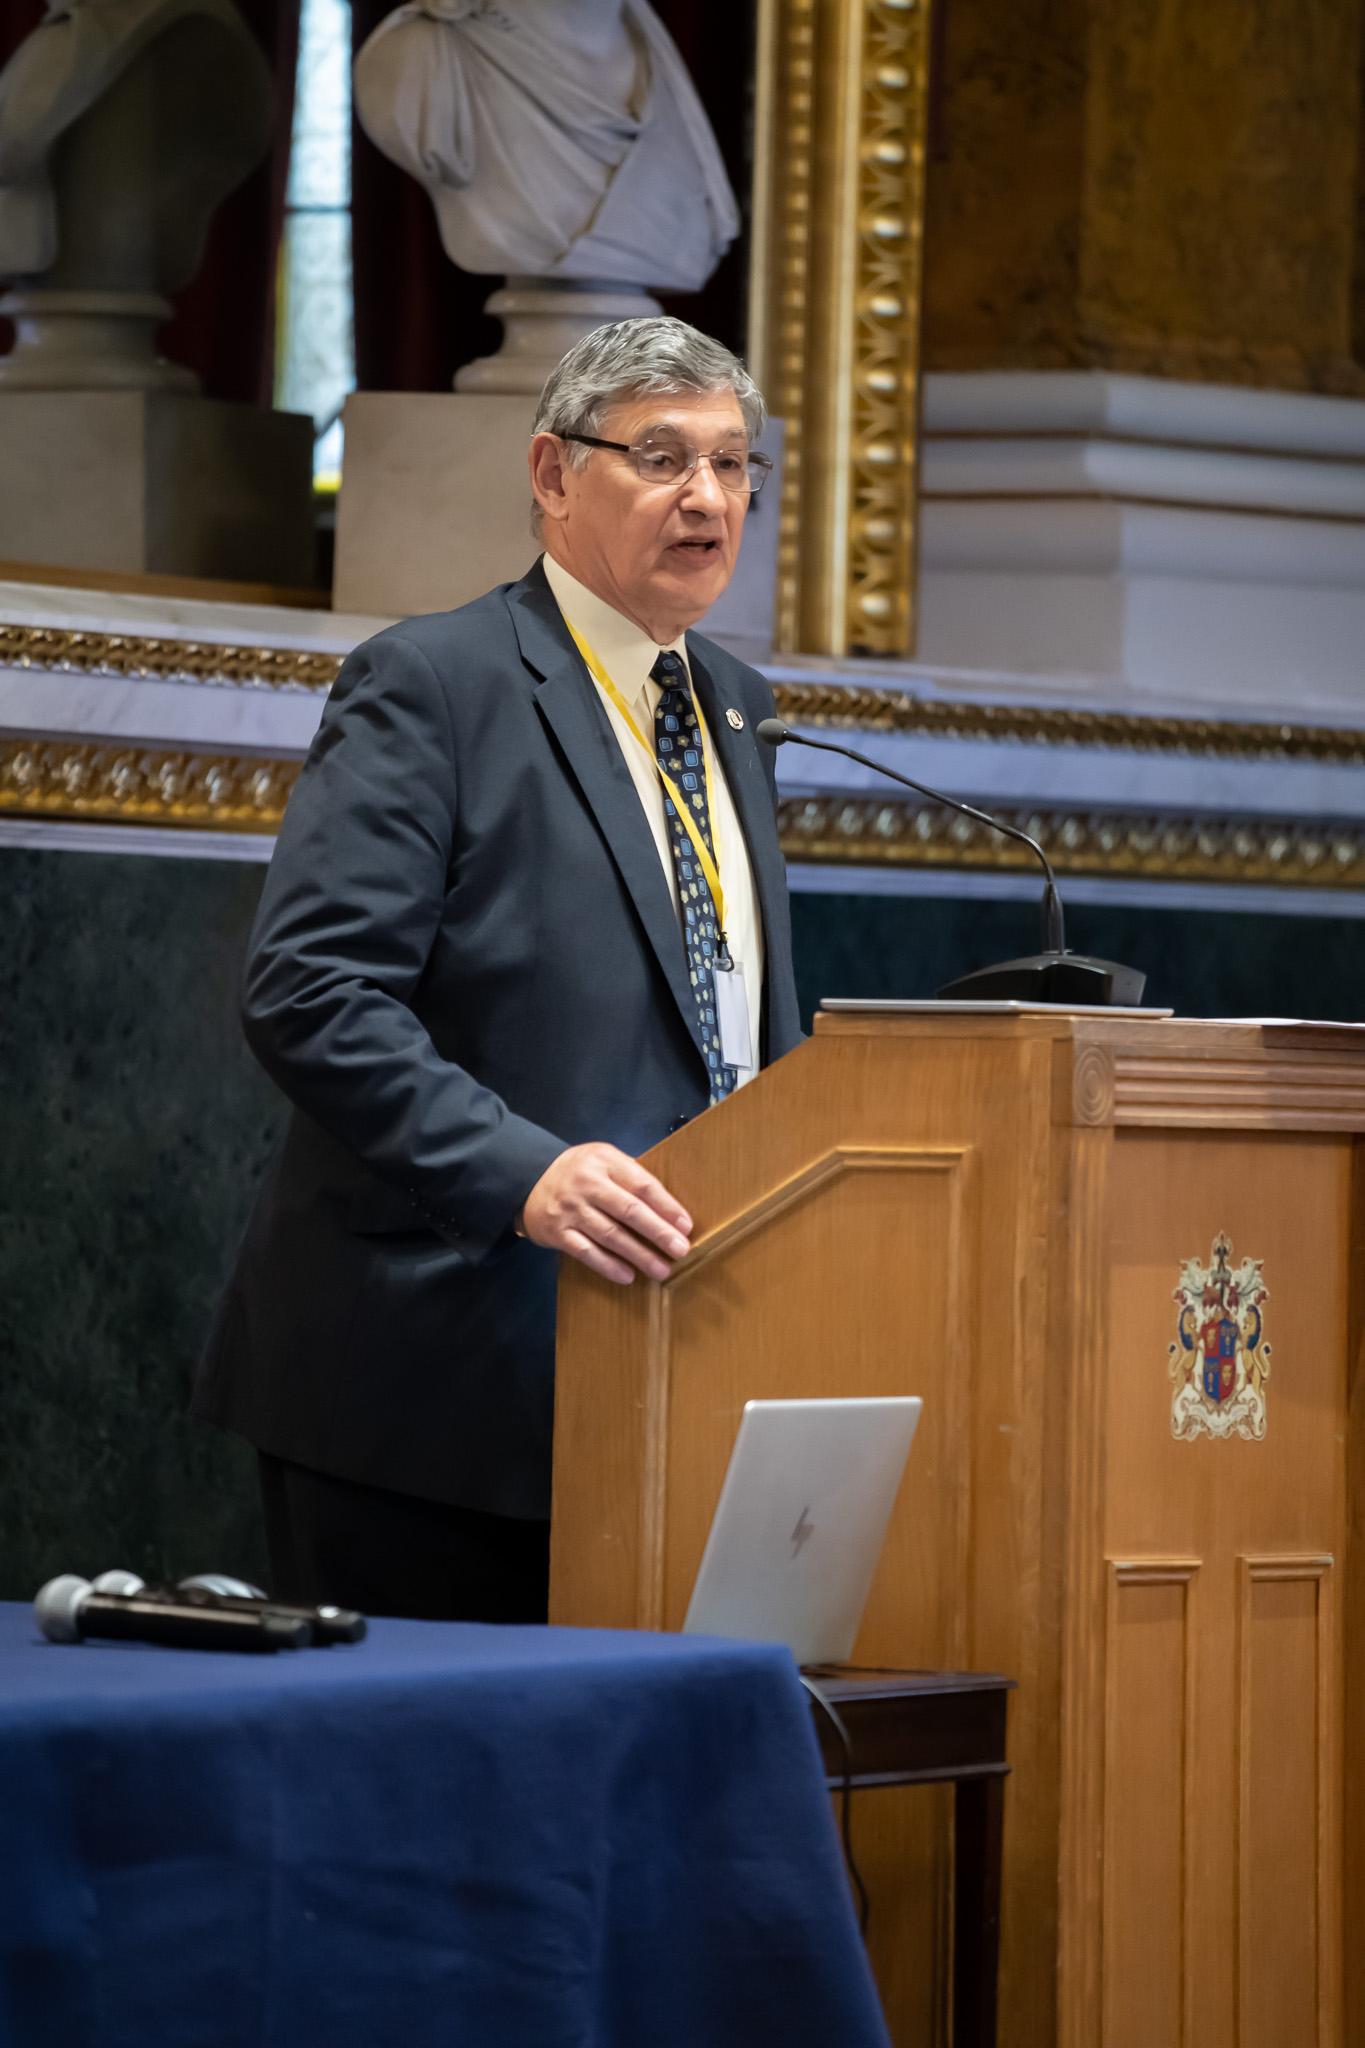 Dr Chris Corti